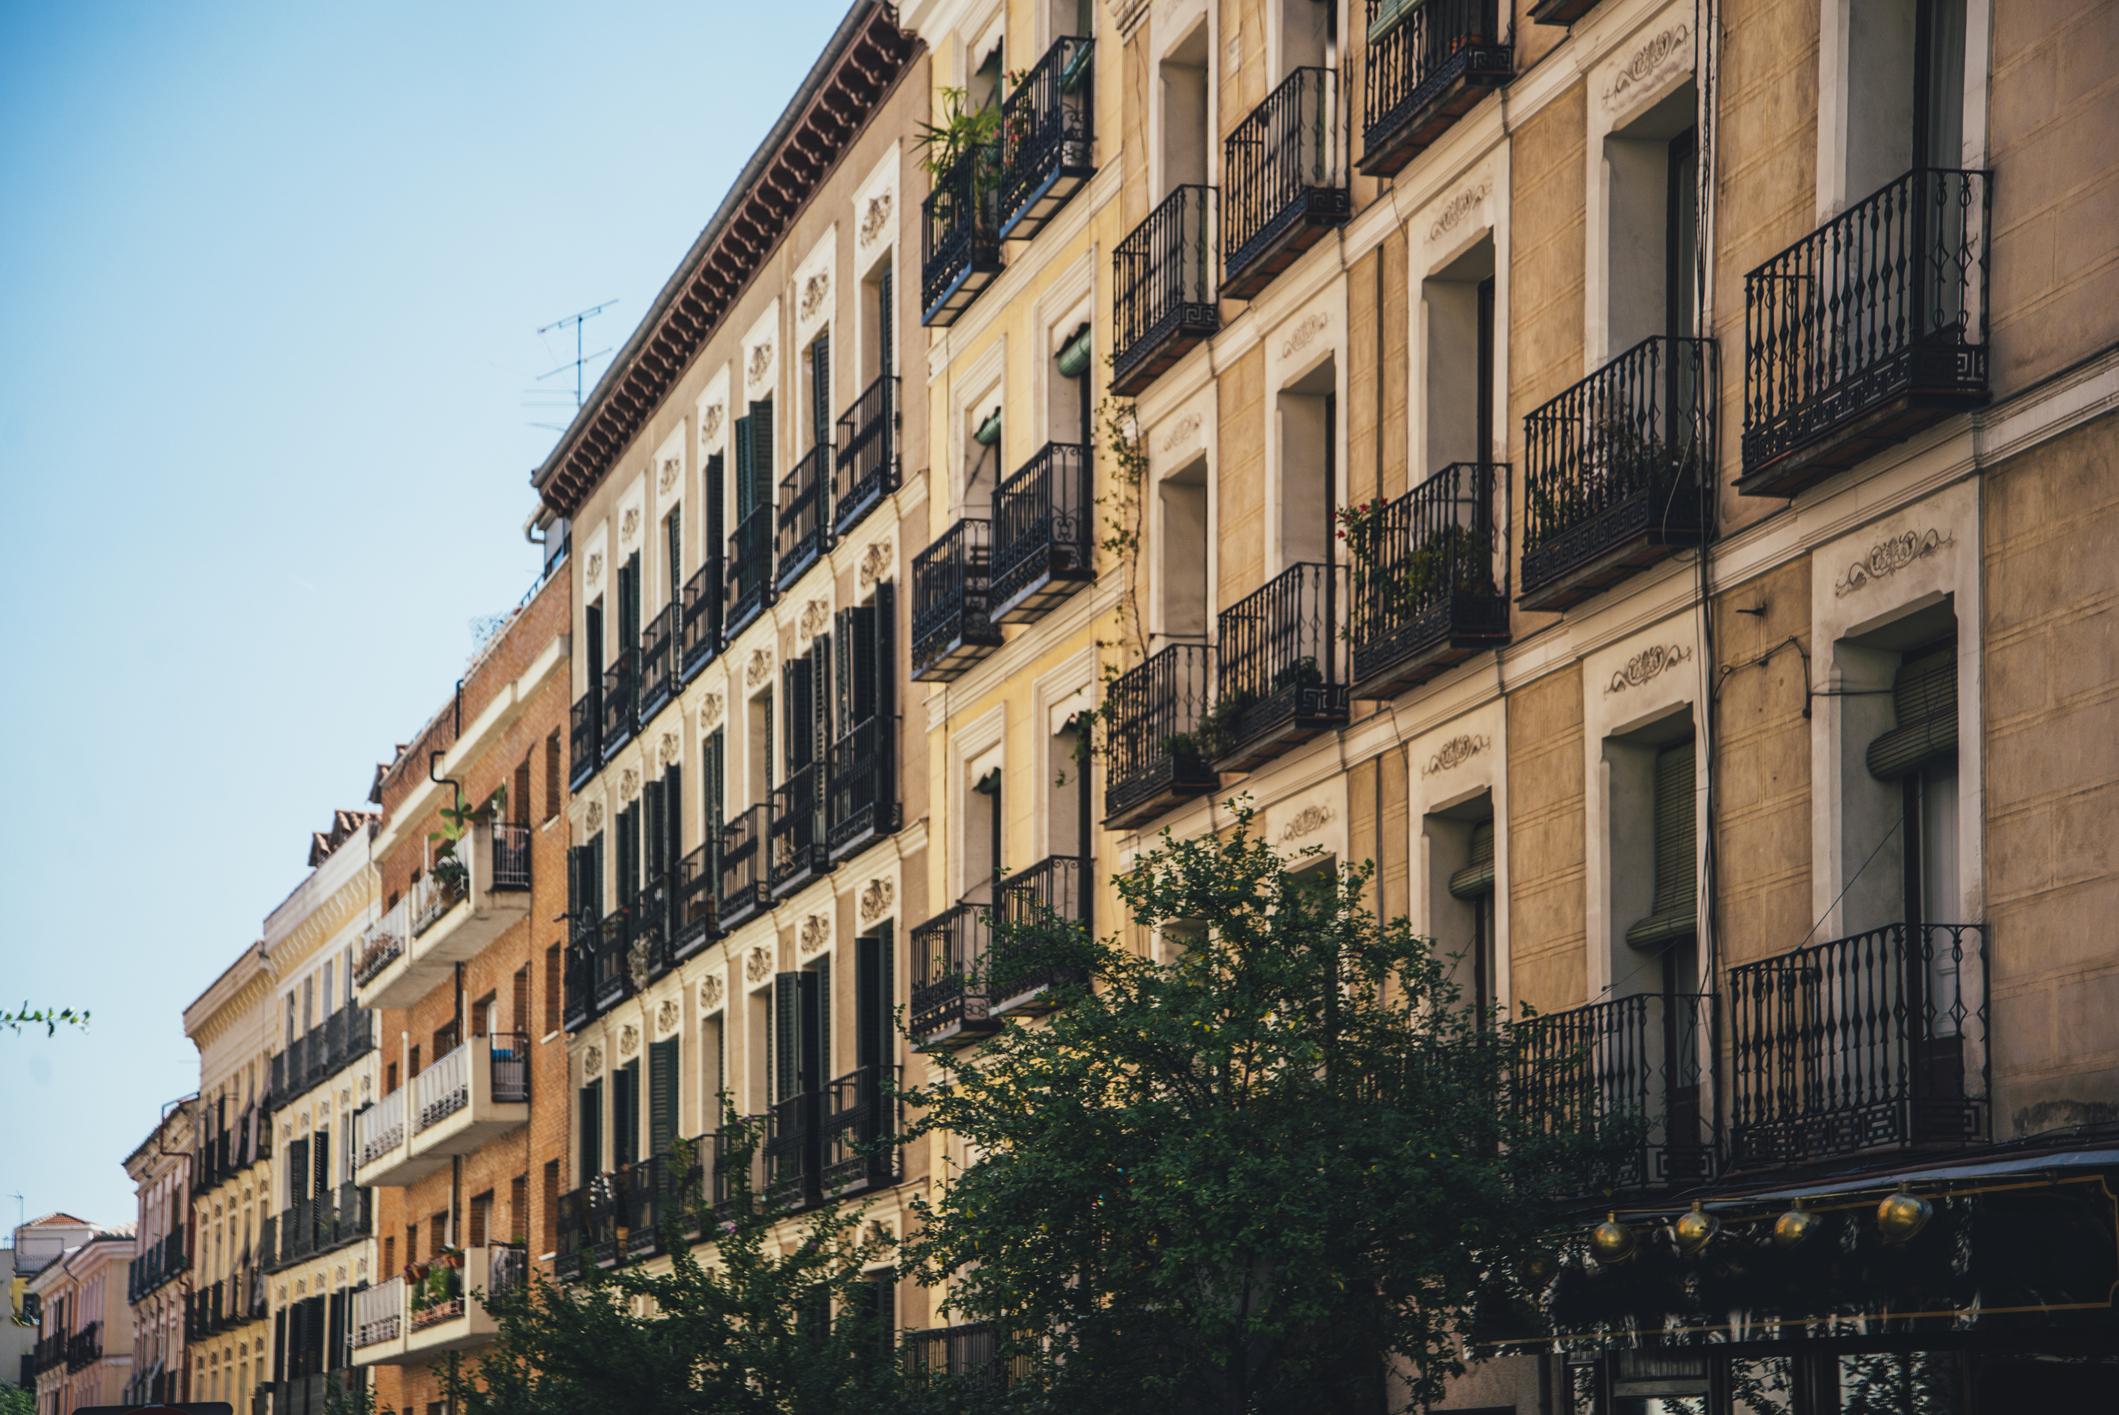 Alquiler habitaciones en letras madrid pisos para estudiantes - Pisos estudiantes madrid baratos ...